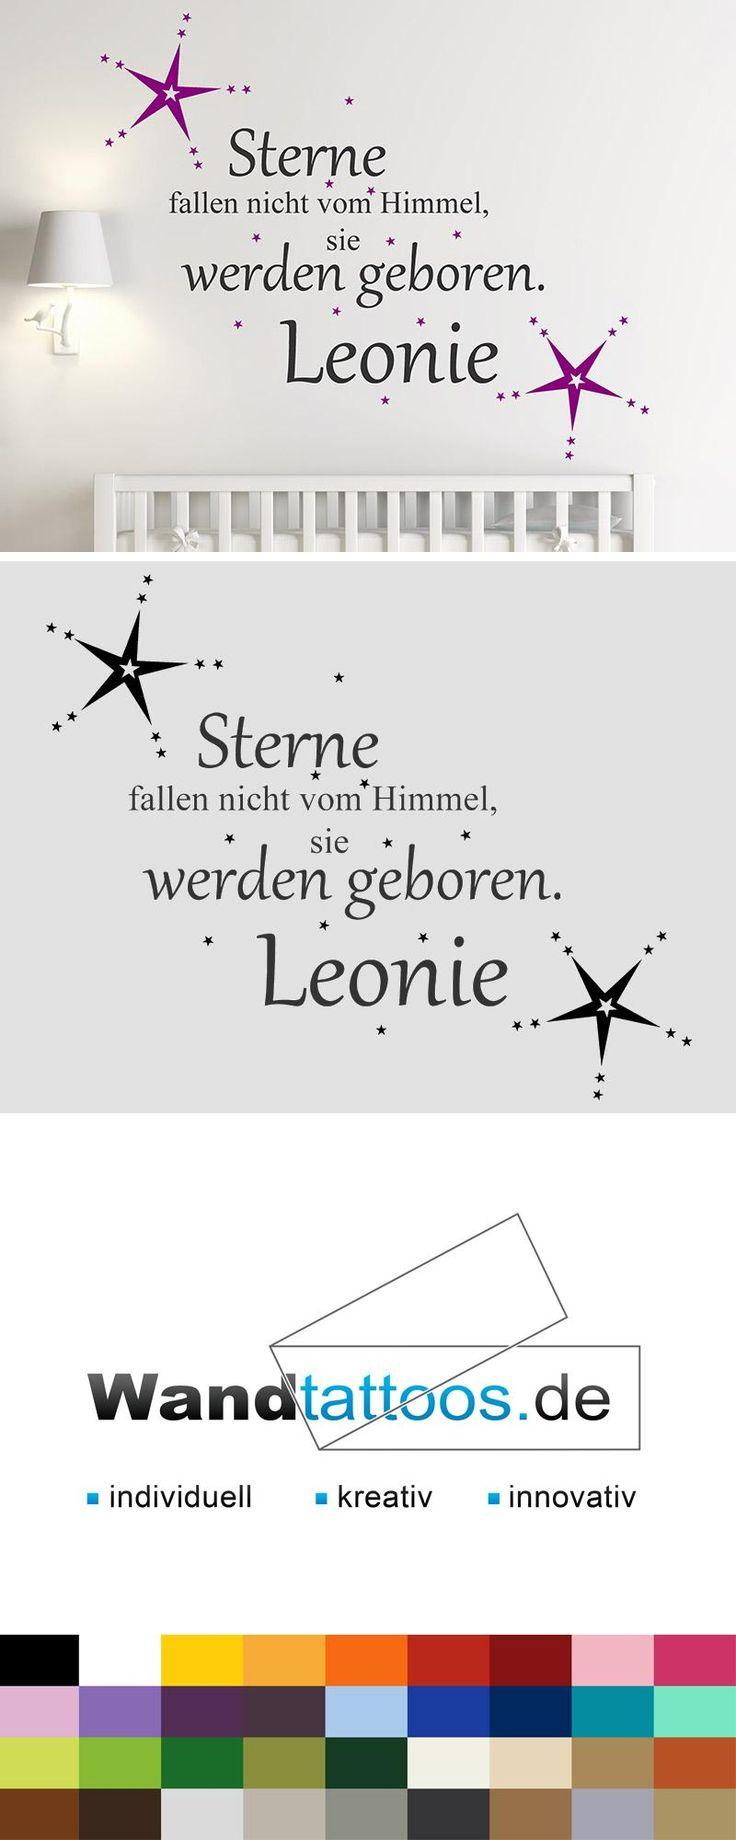 Wandtattoo Sterne fallen nicht vom Himmel... als Idee zur individuellen Wandgestaltung. Einfach Lieblingsfarbe und Größe auswählen. Weitere kreative Anregungen von Wandtattoos.de hier entdecken!